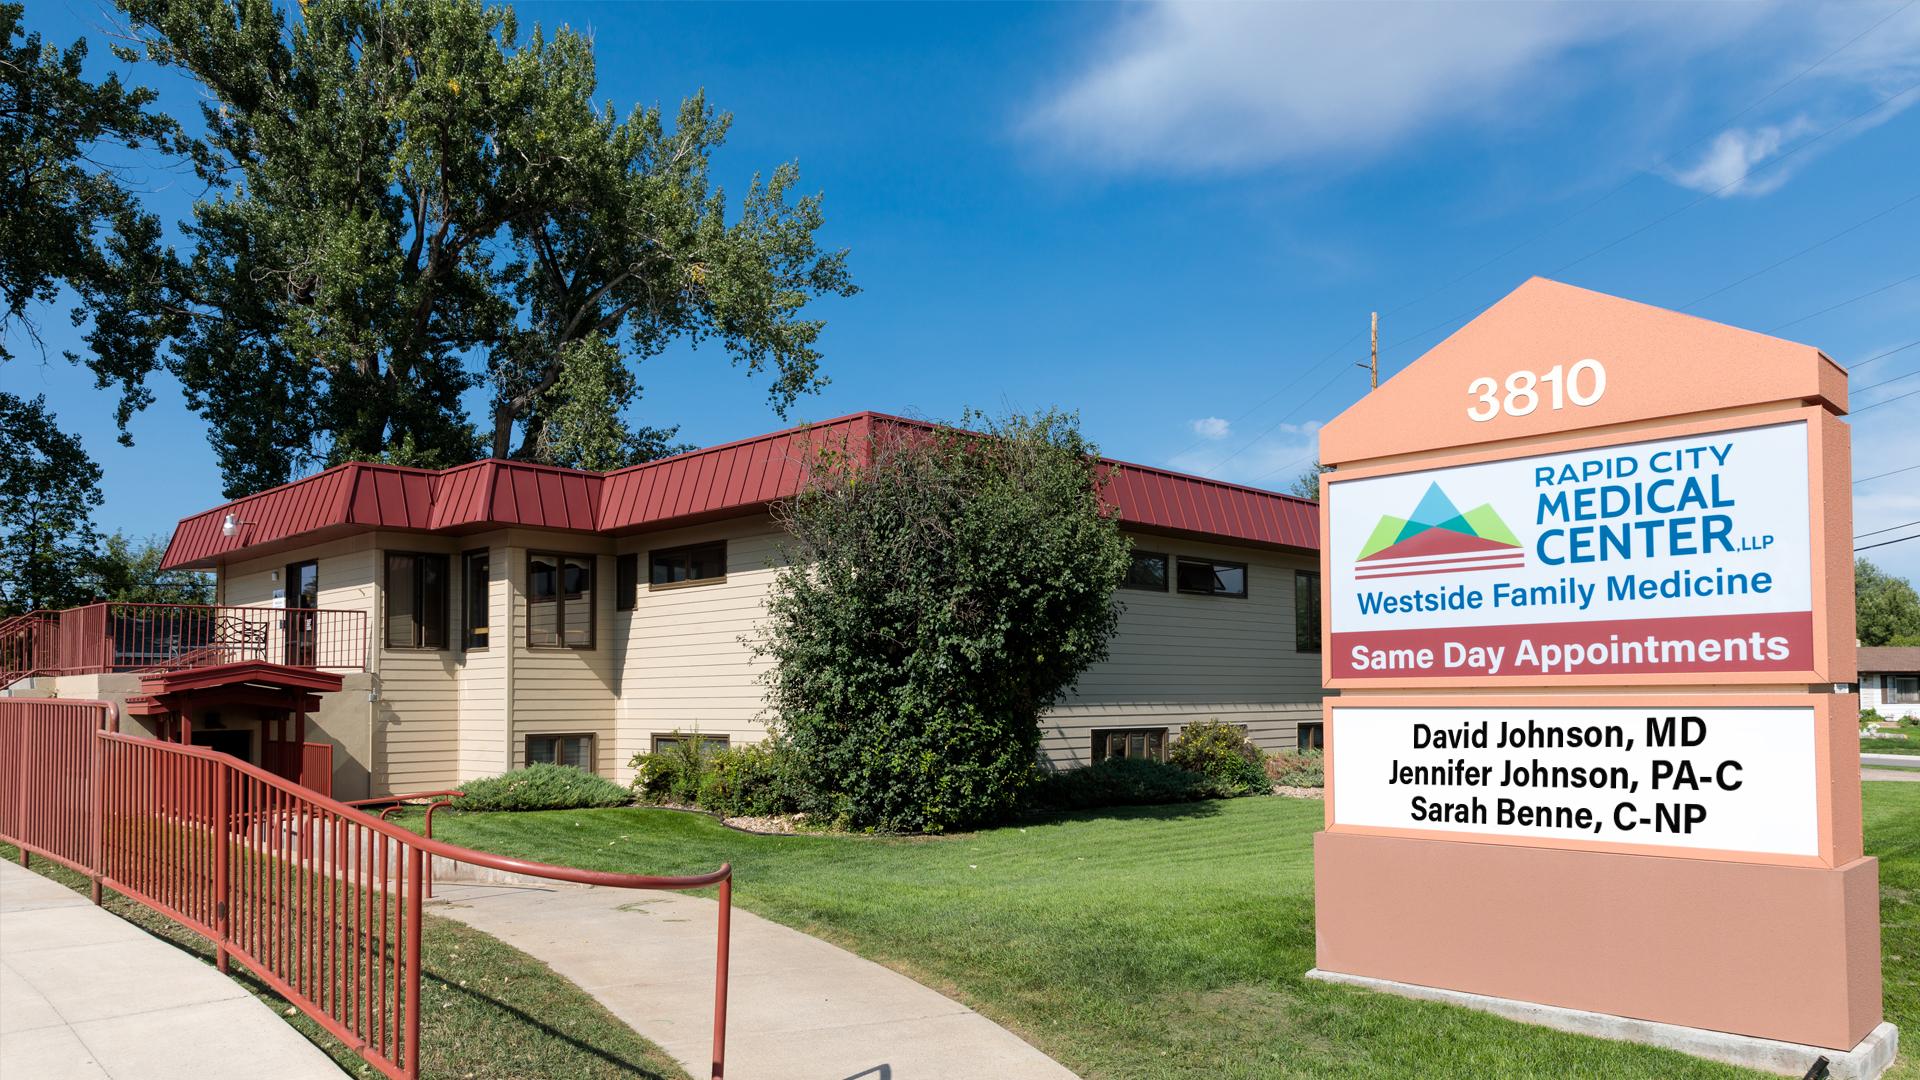 Rapid City Medical Center Westside